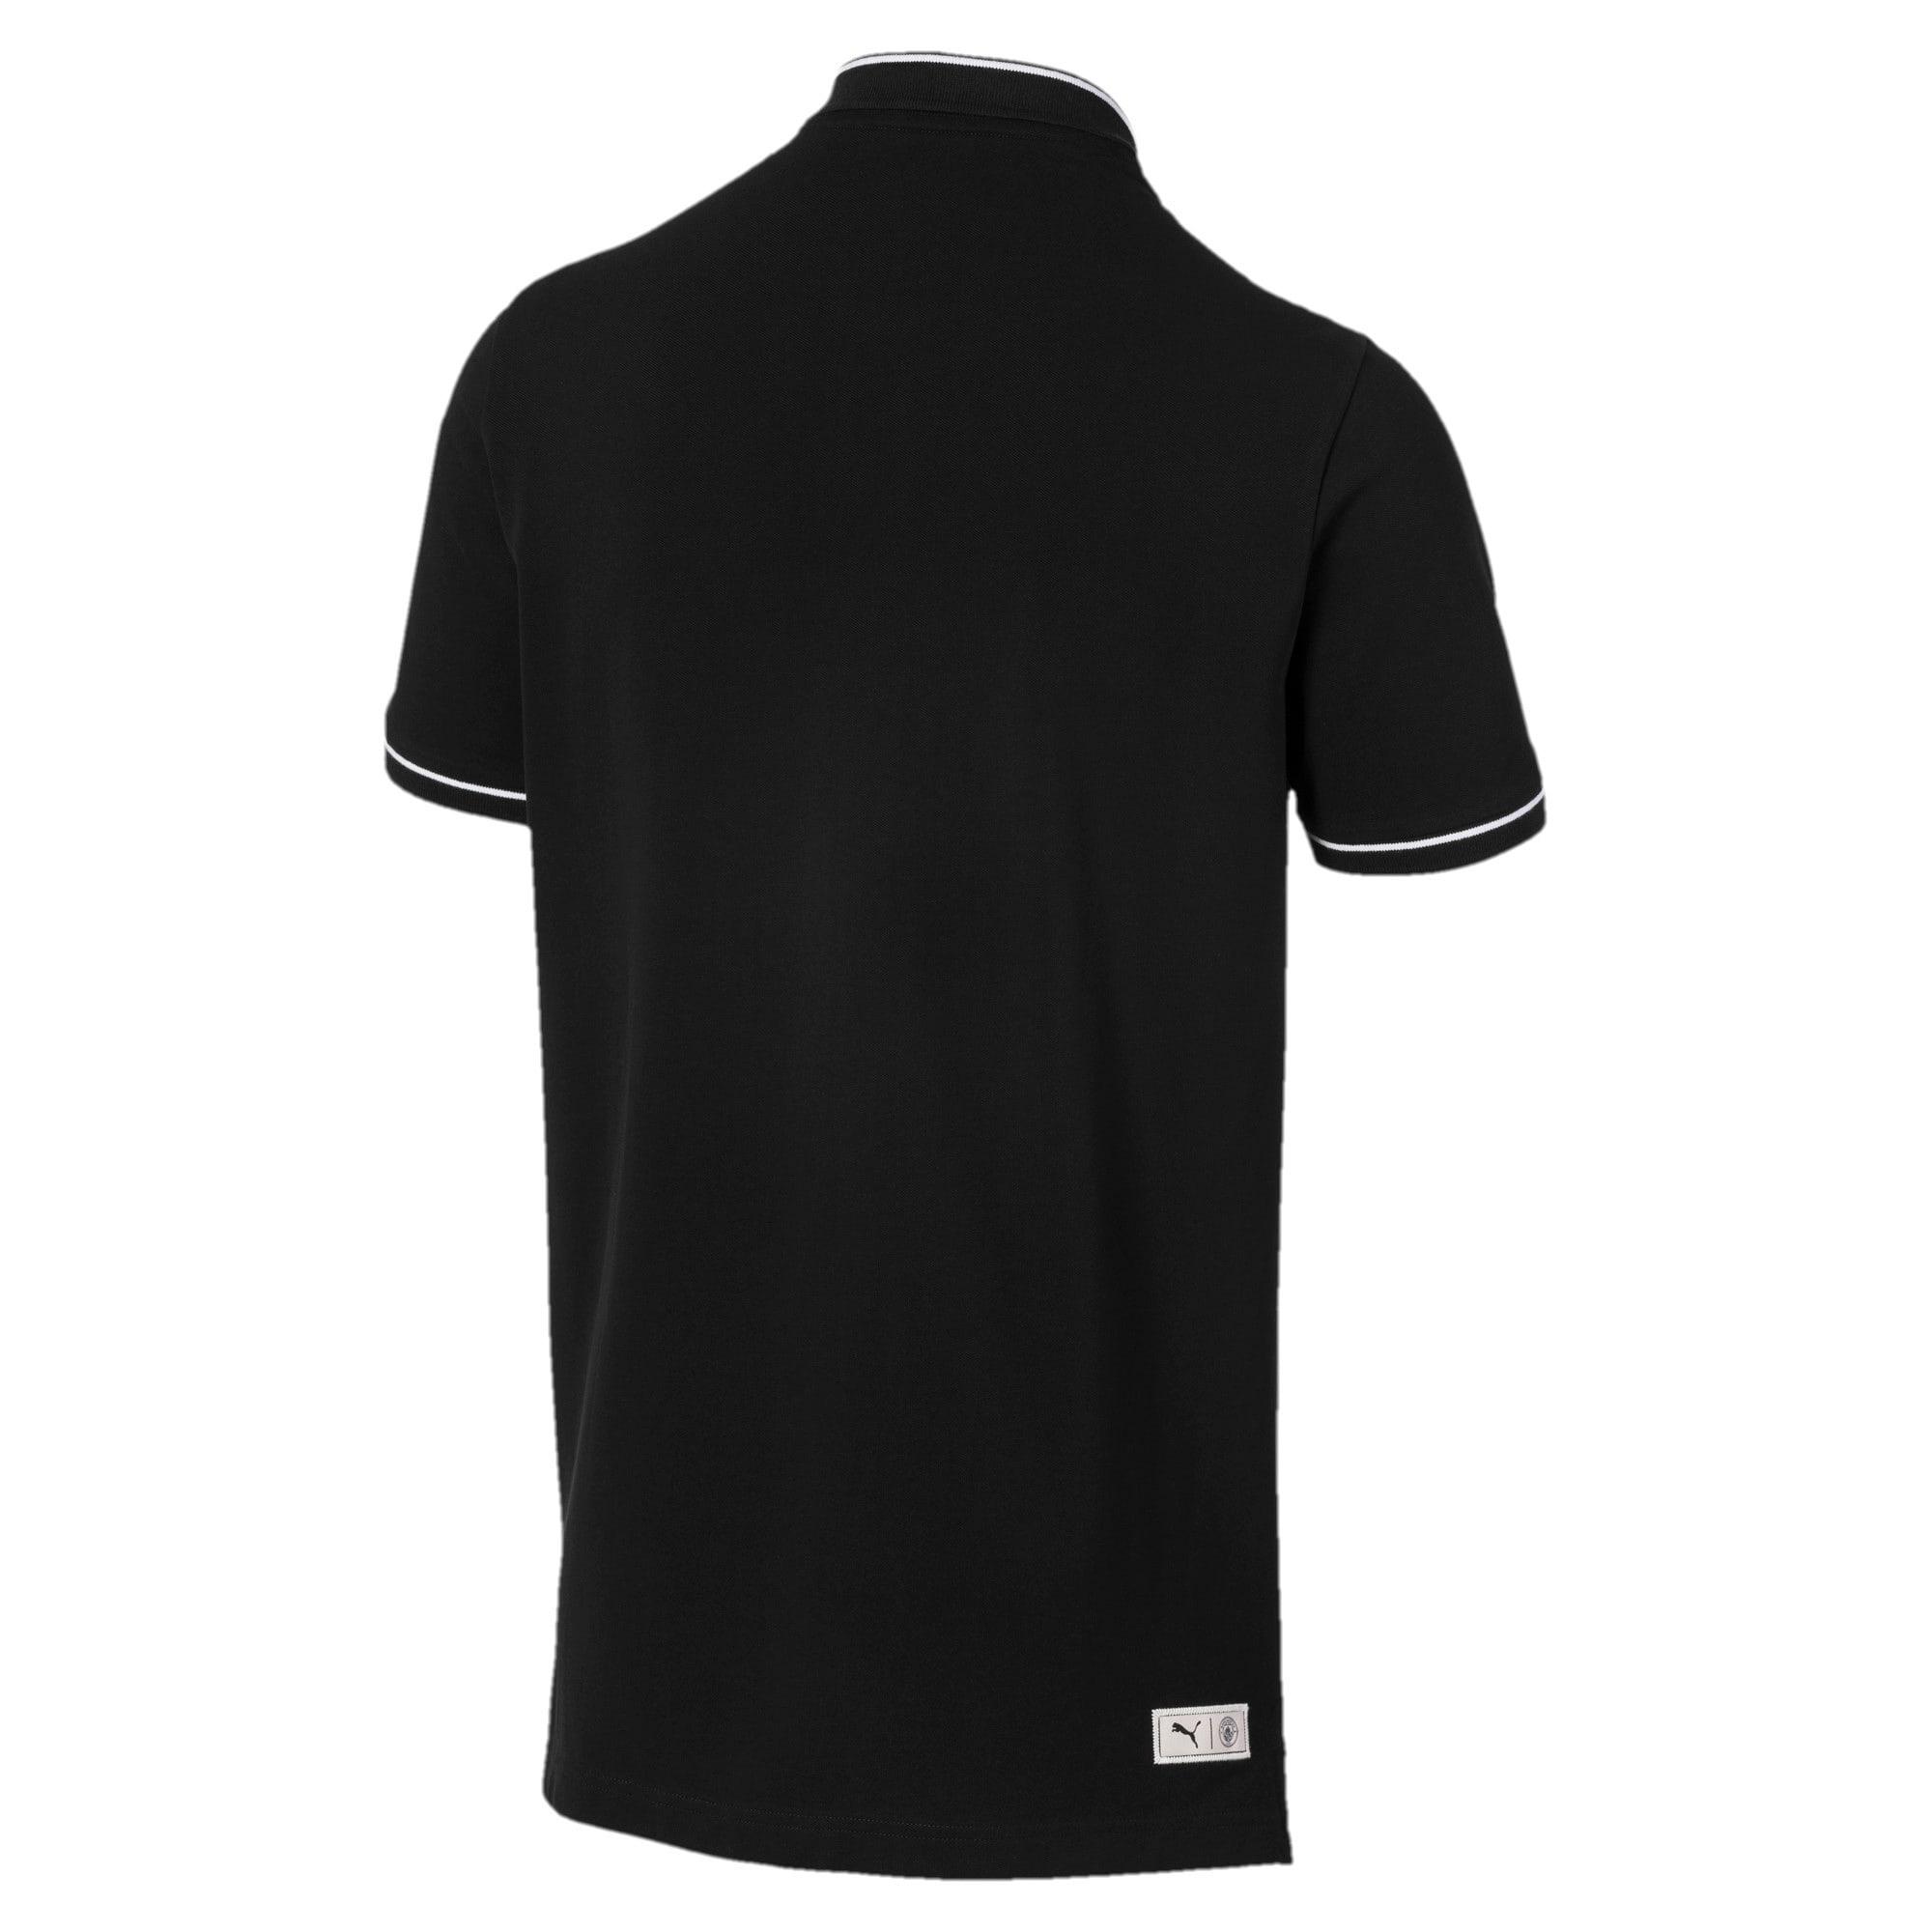 Miniatura 5 de Camiseta tipo polo Manchester City FC Premium para hombre, Puma Black-team light blue, mediano